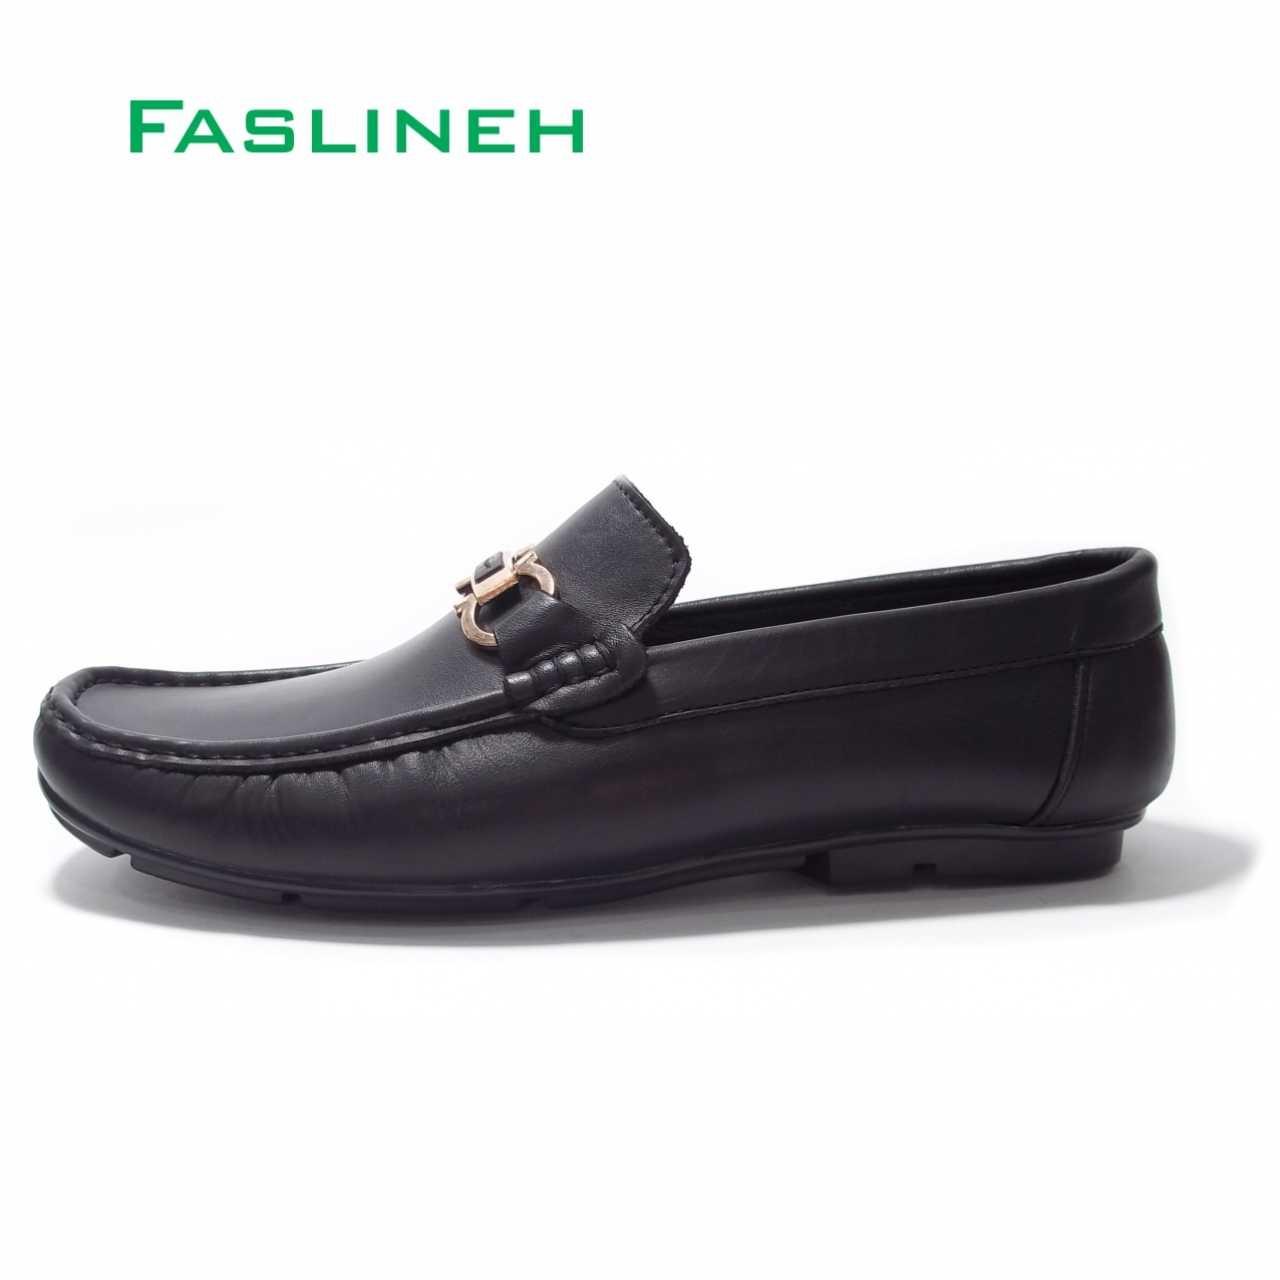 کفش کالج چرم مشکی  مدل Salvatore Ferragamo F102